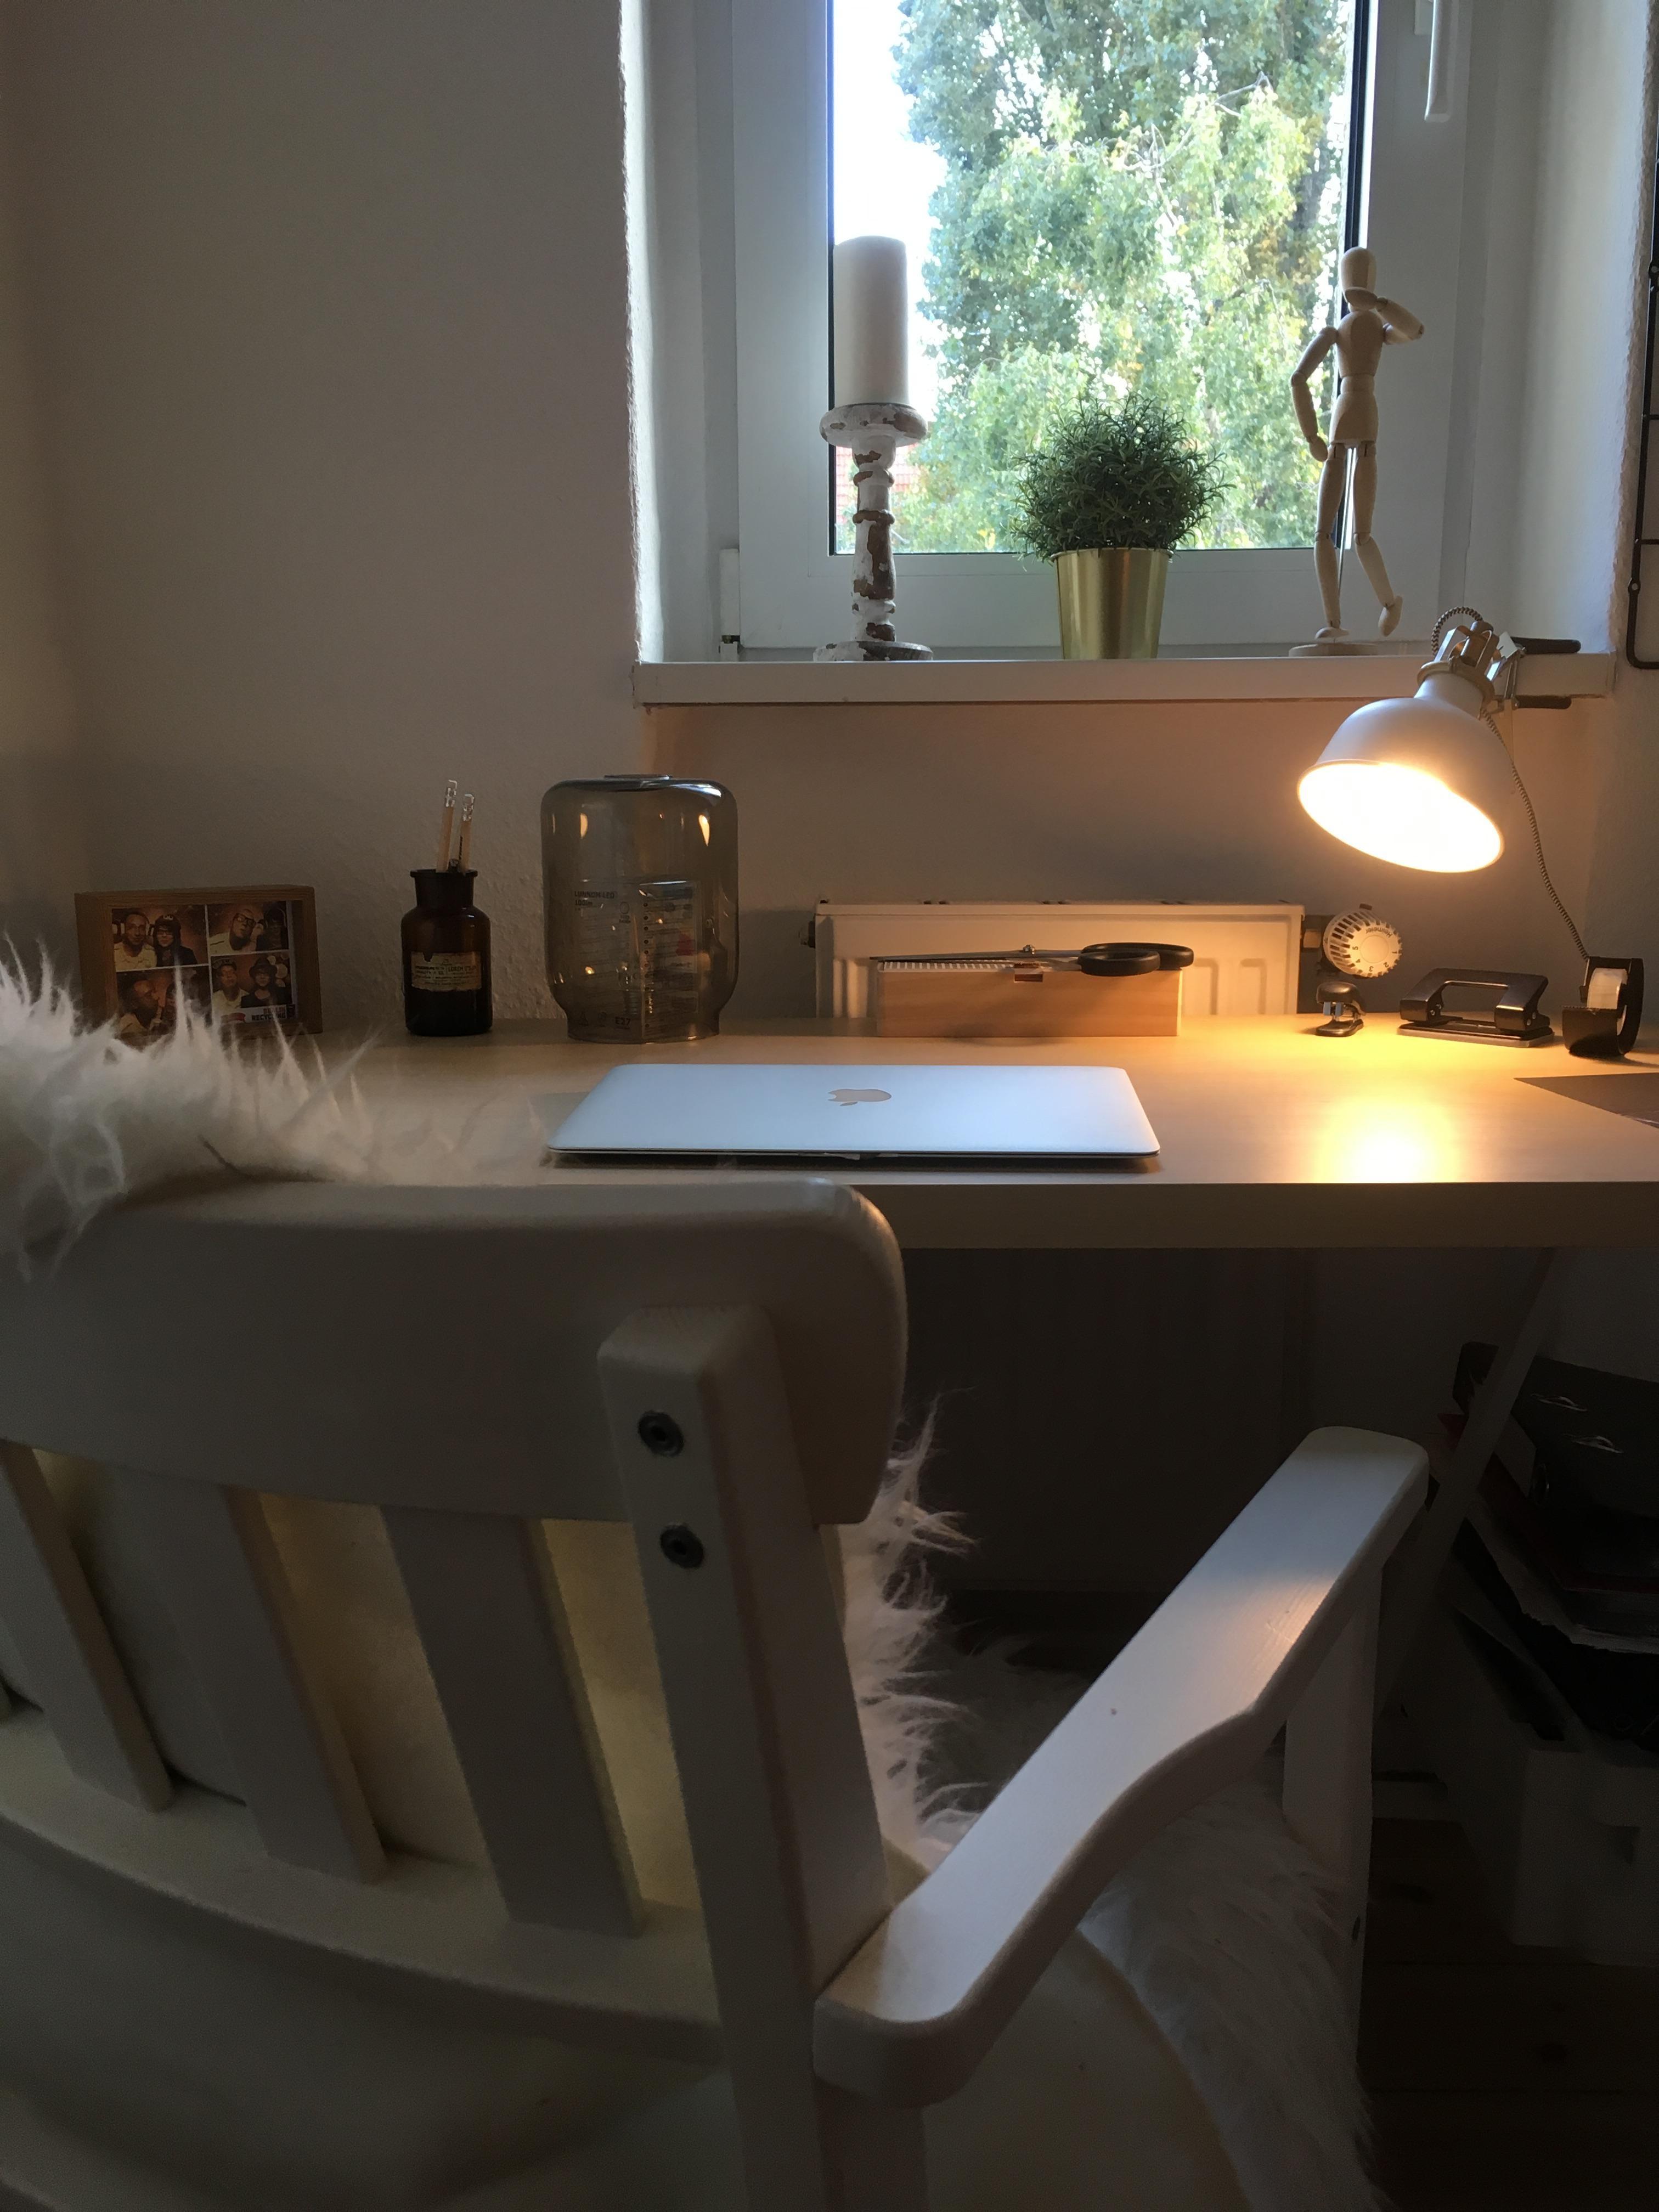 werkstatt einrichten ideen trendy eine gute werkstatt fr heimwerker braucht zwar nicht viele. Black Bedroom Furniture Sets. Home Design Ideas